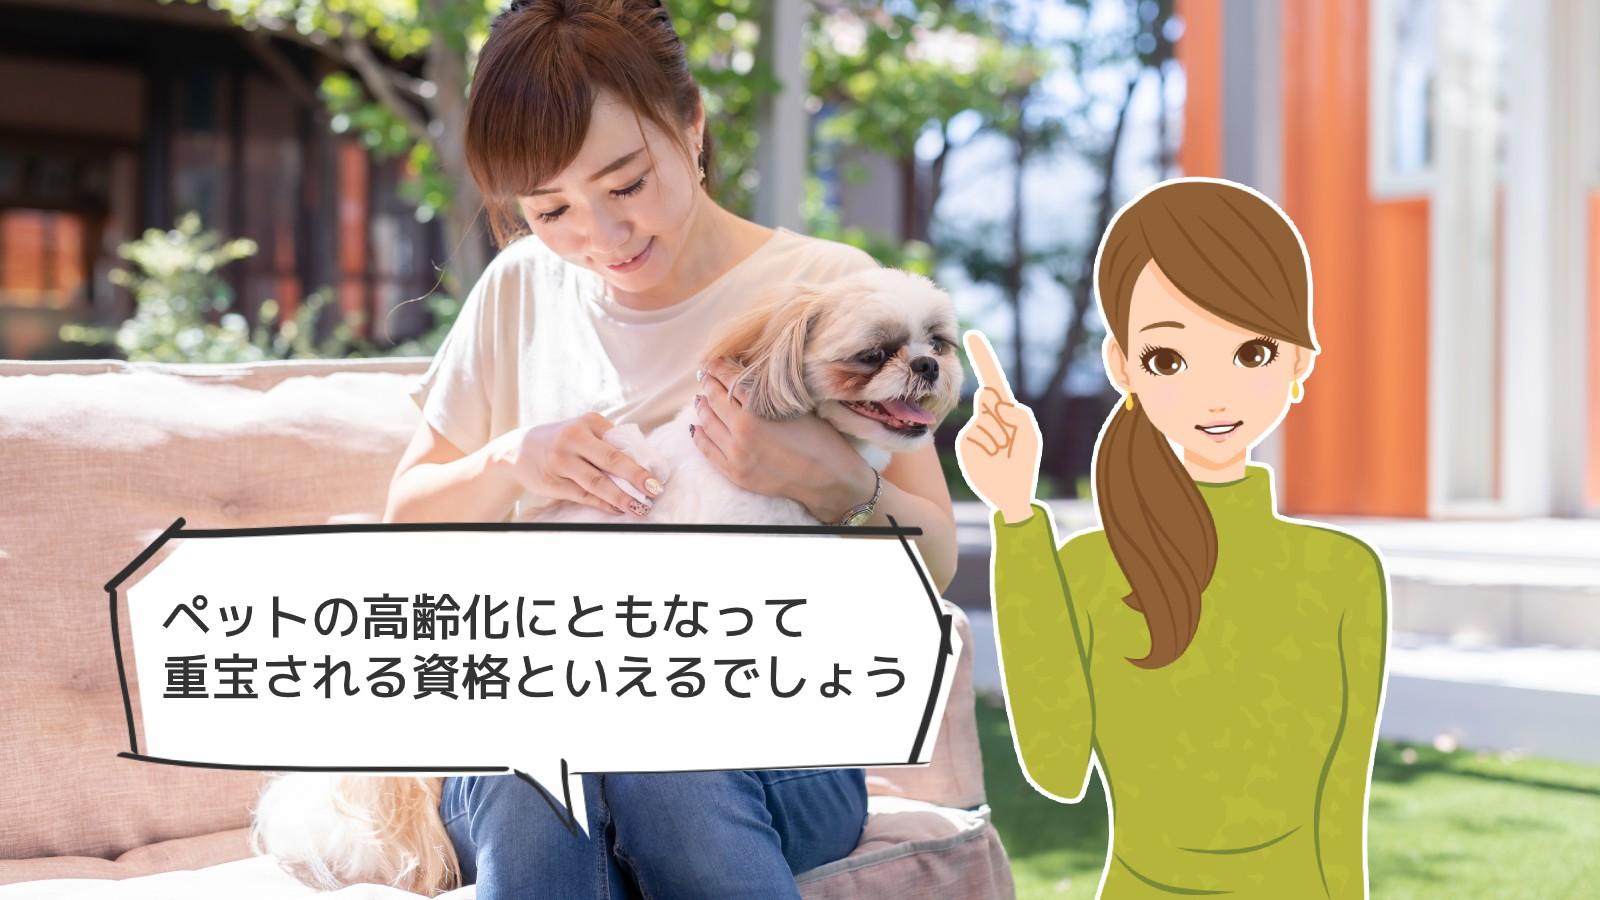 「ペット介護インストラクター資格」のアイキャッチ画像